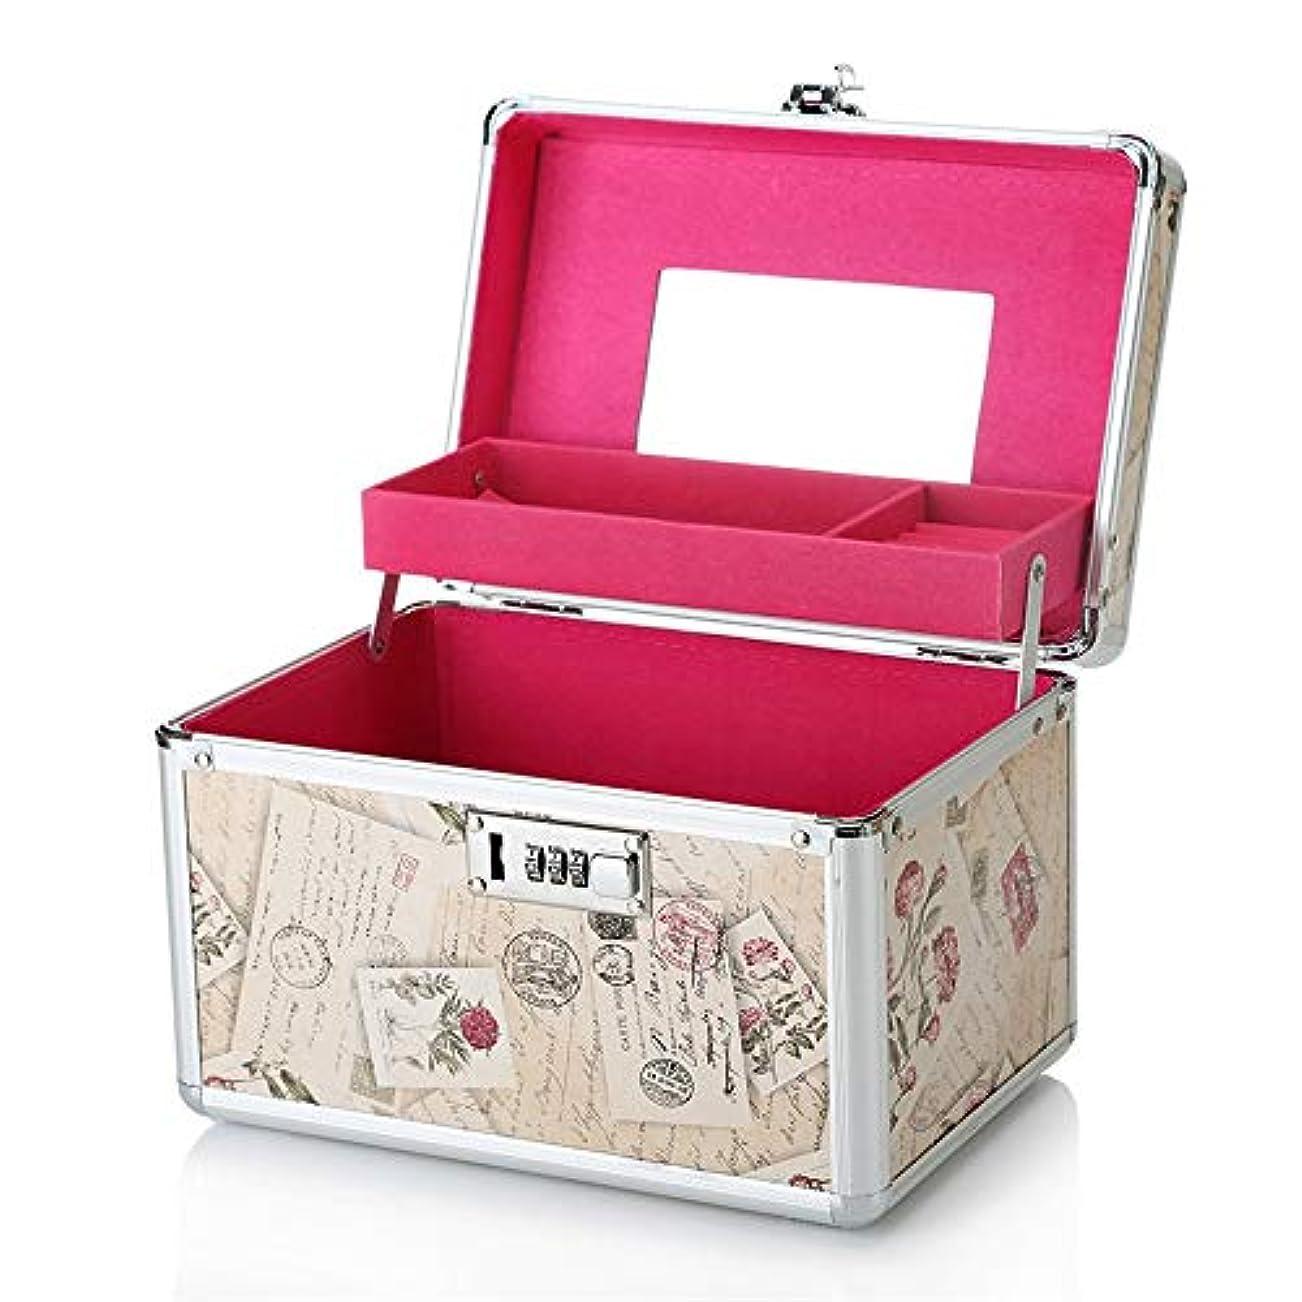 識別社会主義欲望化粧オーガナイザーバッグ 旅行のメイクアップバッグメイク化粧品バッグトイレタリー化粧ケース 化粧品ケース